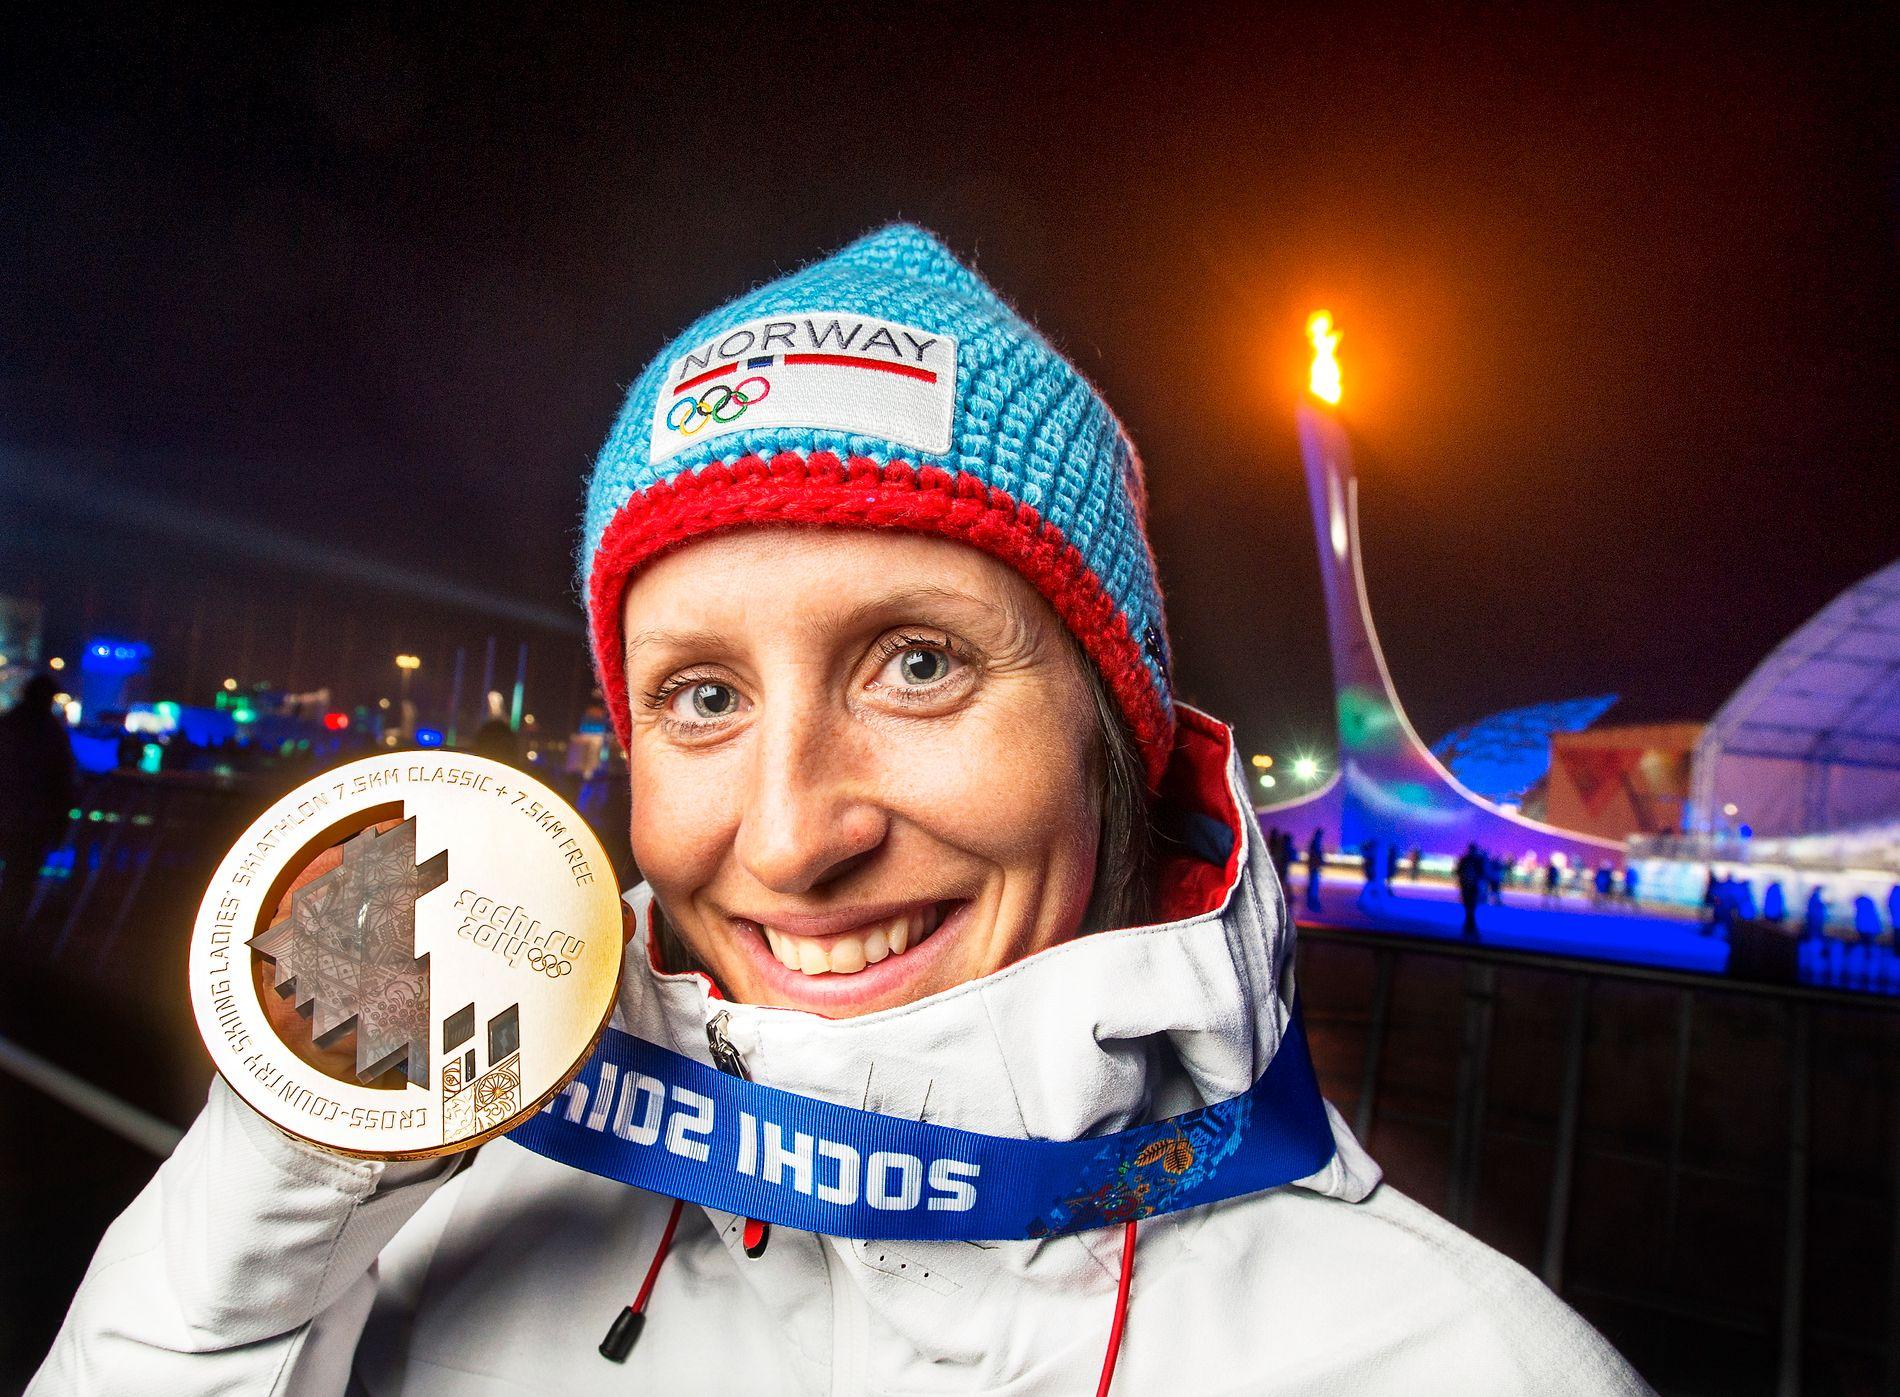 GULL MED ASTMA: Marit Bjørgen tok gull under OL i Sotsji i 2014. Hun er en av flere norske langrennsløpere som har vært åpen rundt sin bruk av astmamedisiner.